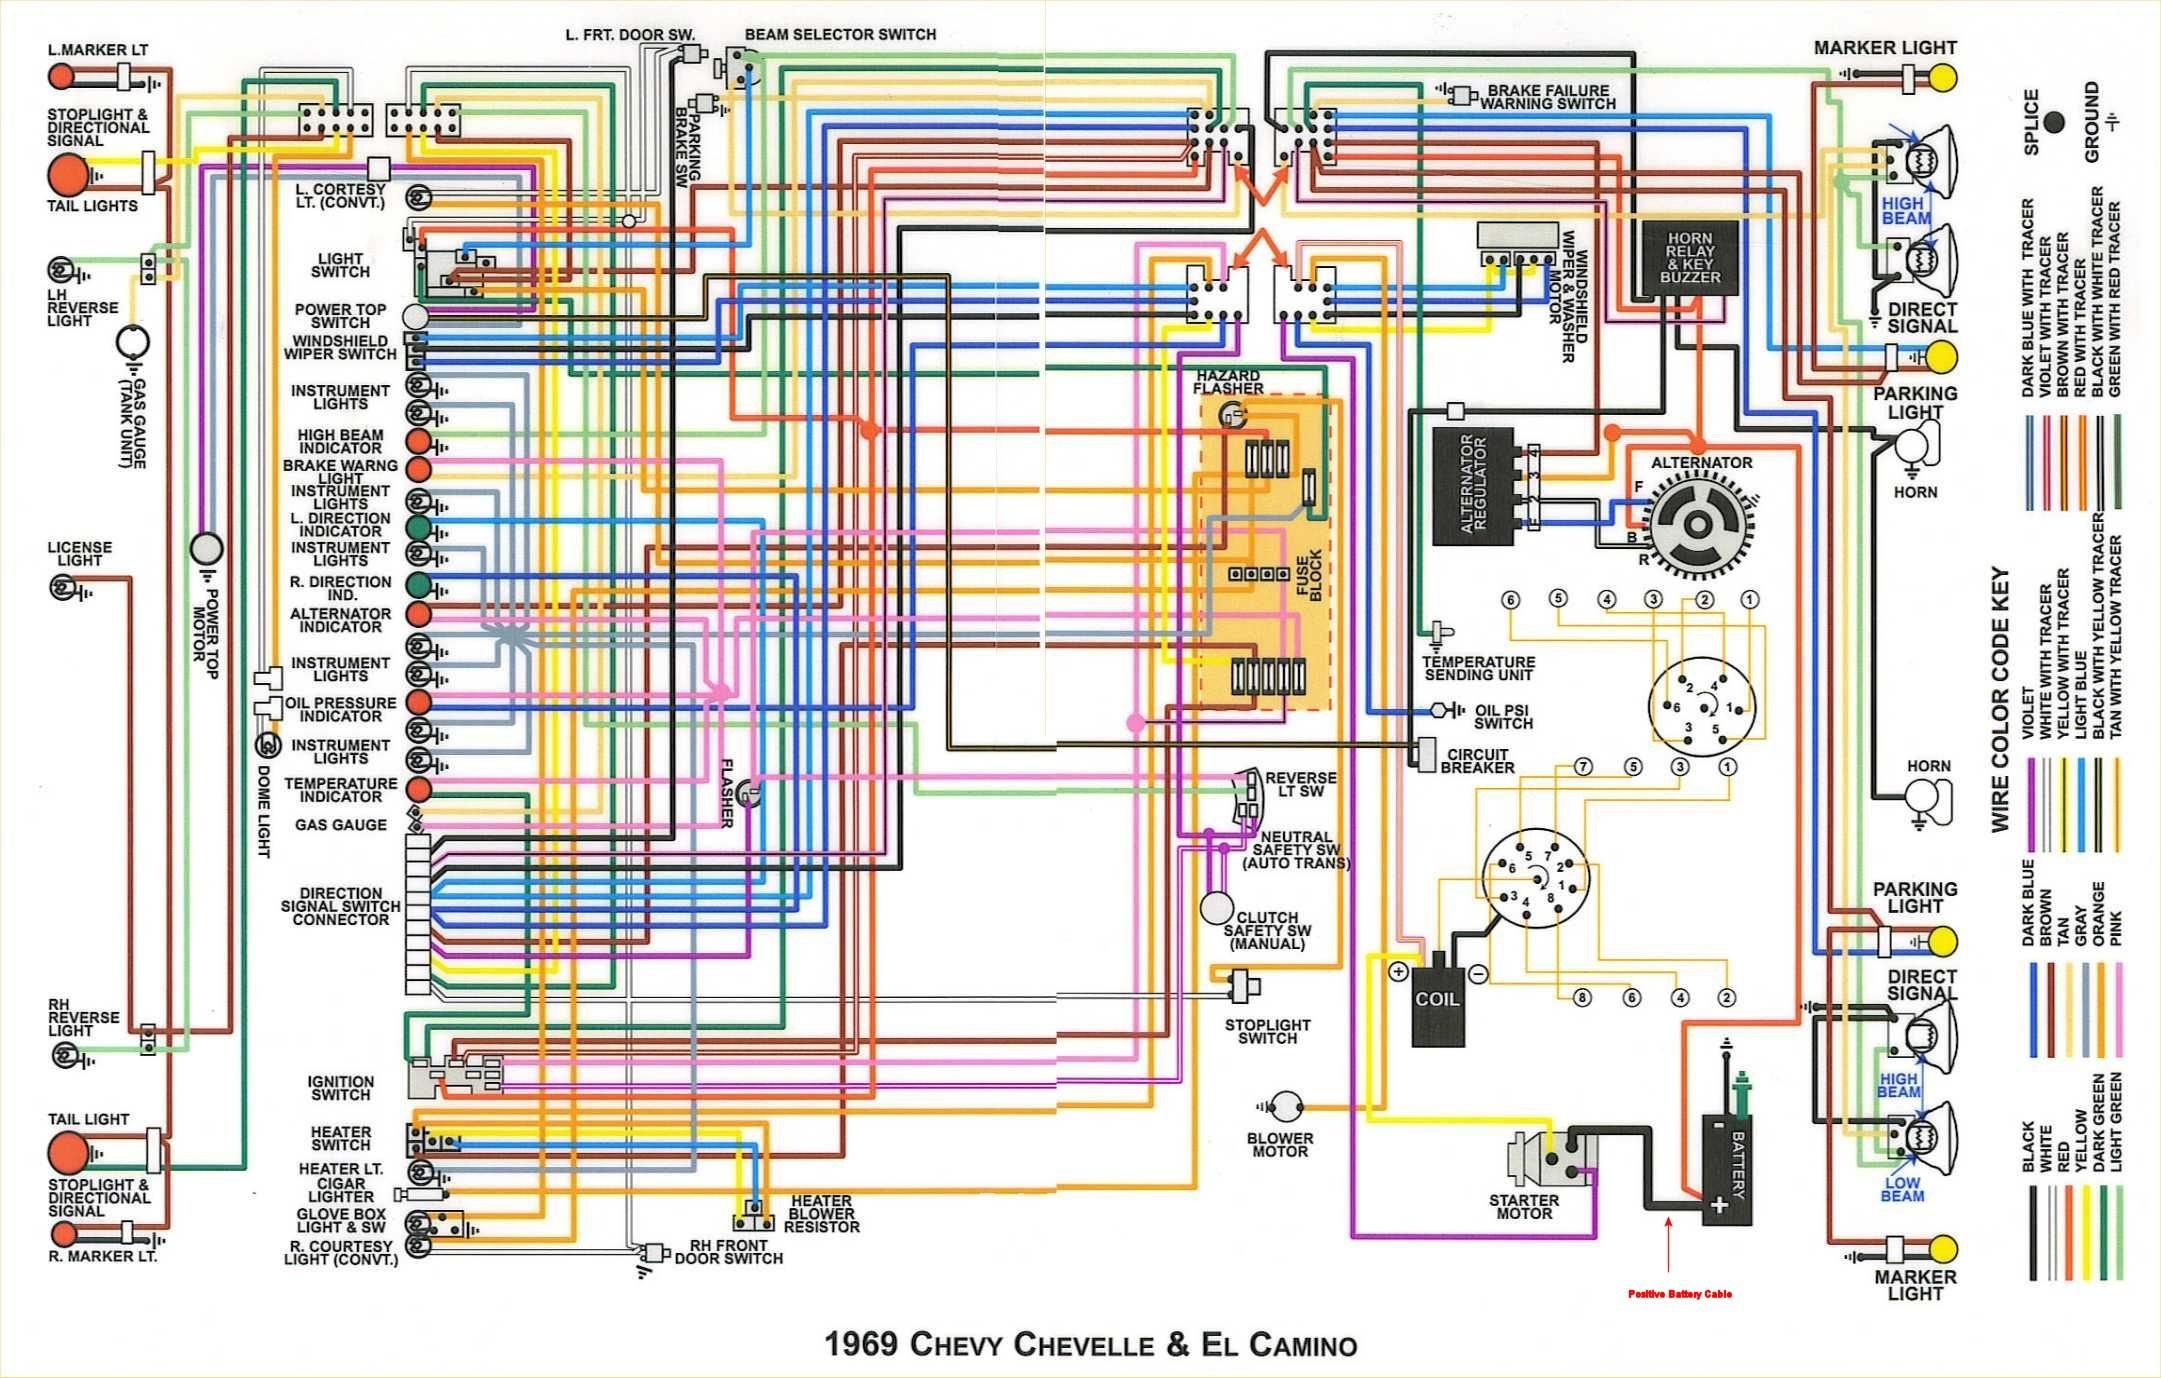 1969 Chevelle Wiring Diagram